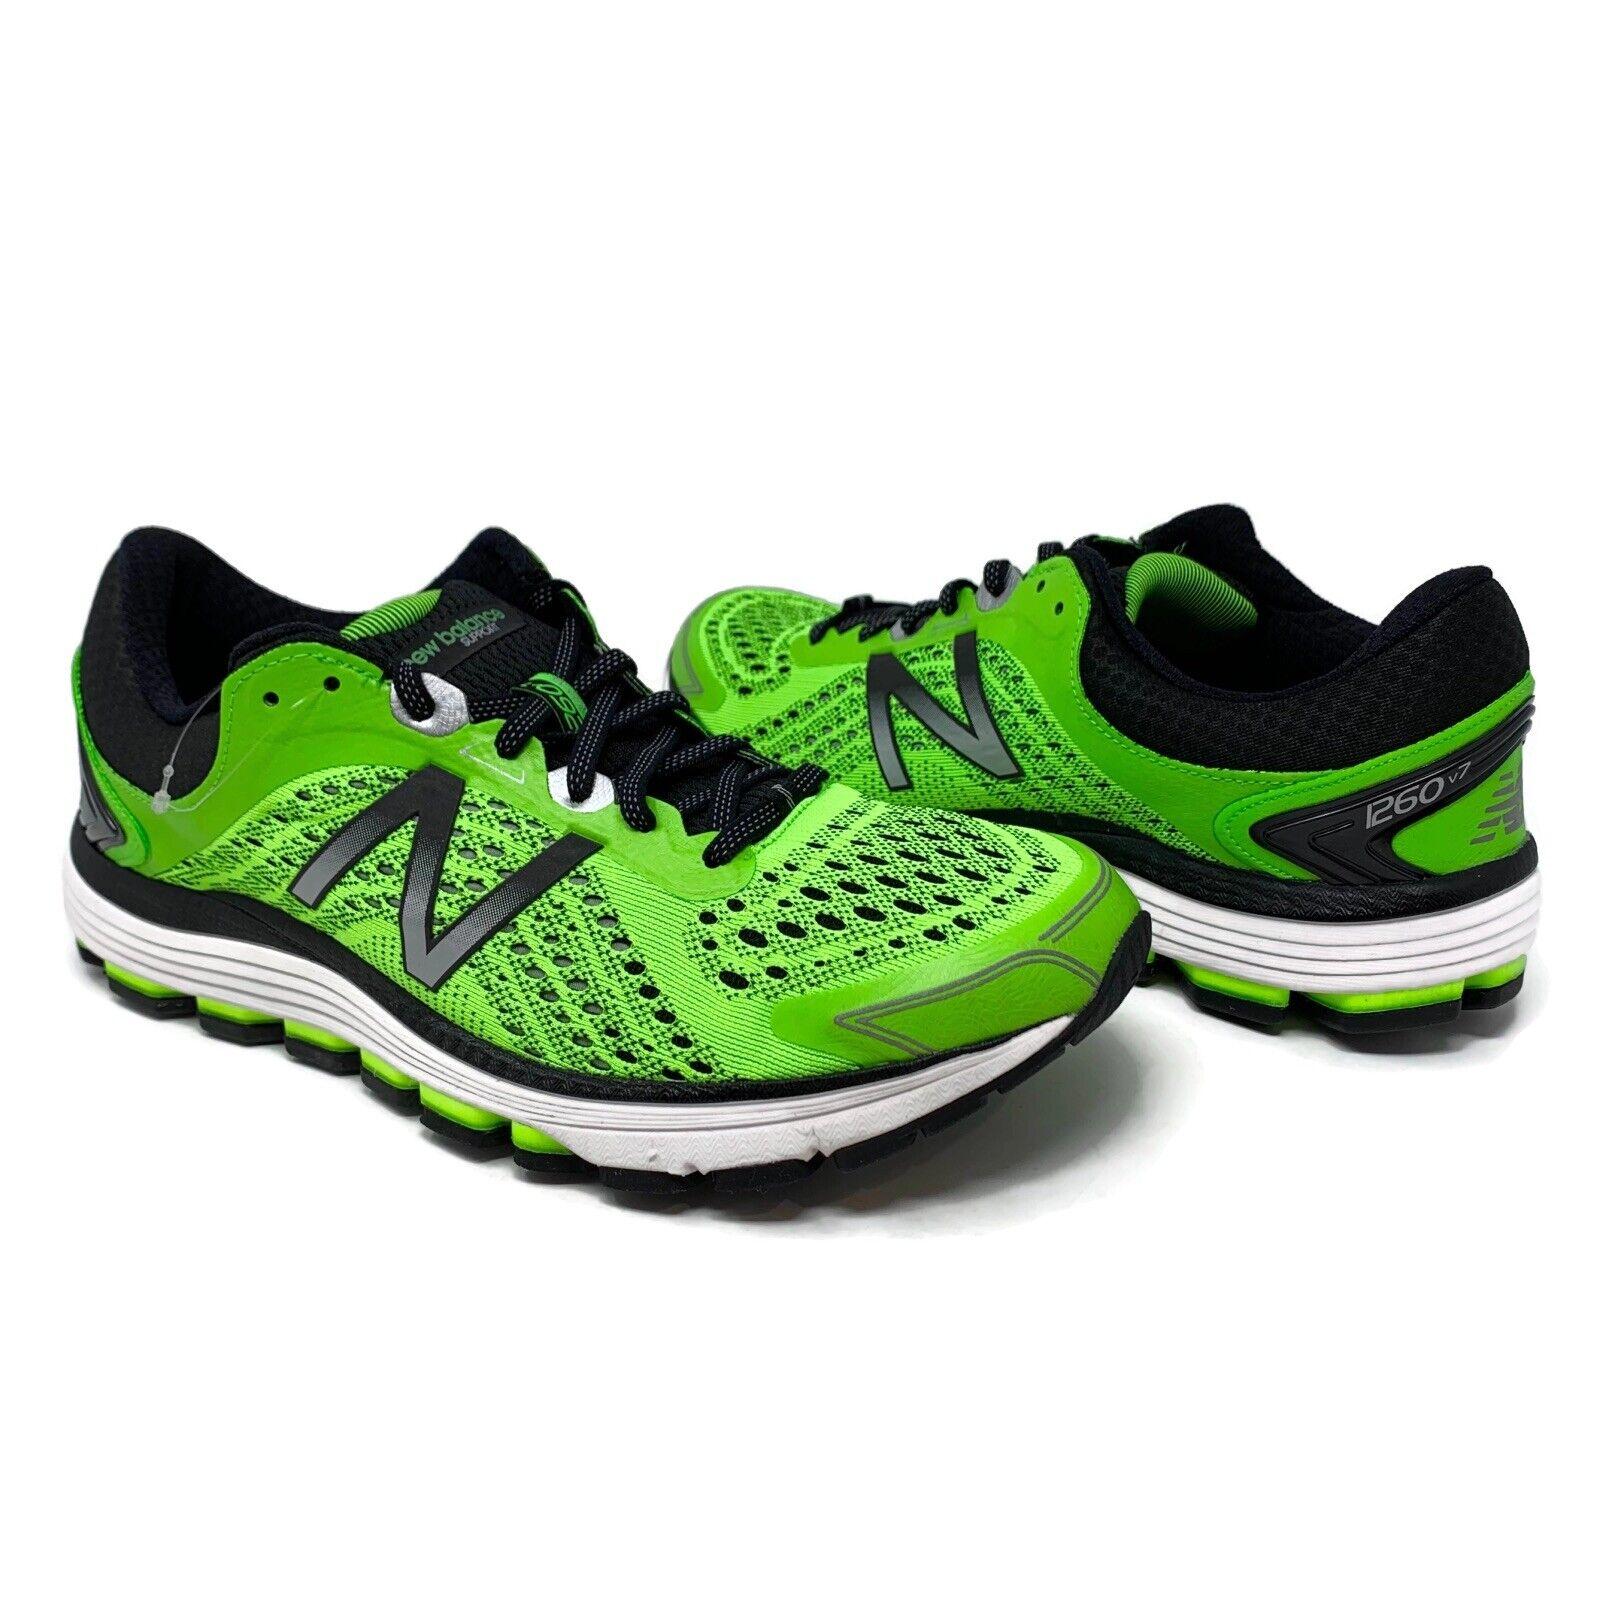 New 1260 v7 Sz10 para hombre Balance energía Cal Negro Zapatos Correr Atléticos M1260GB7